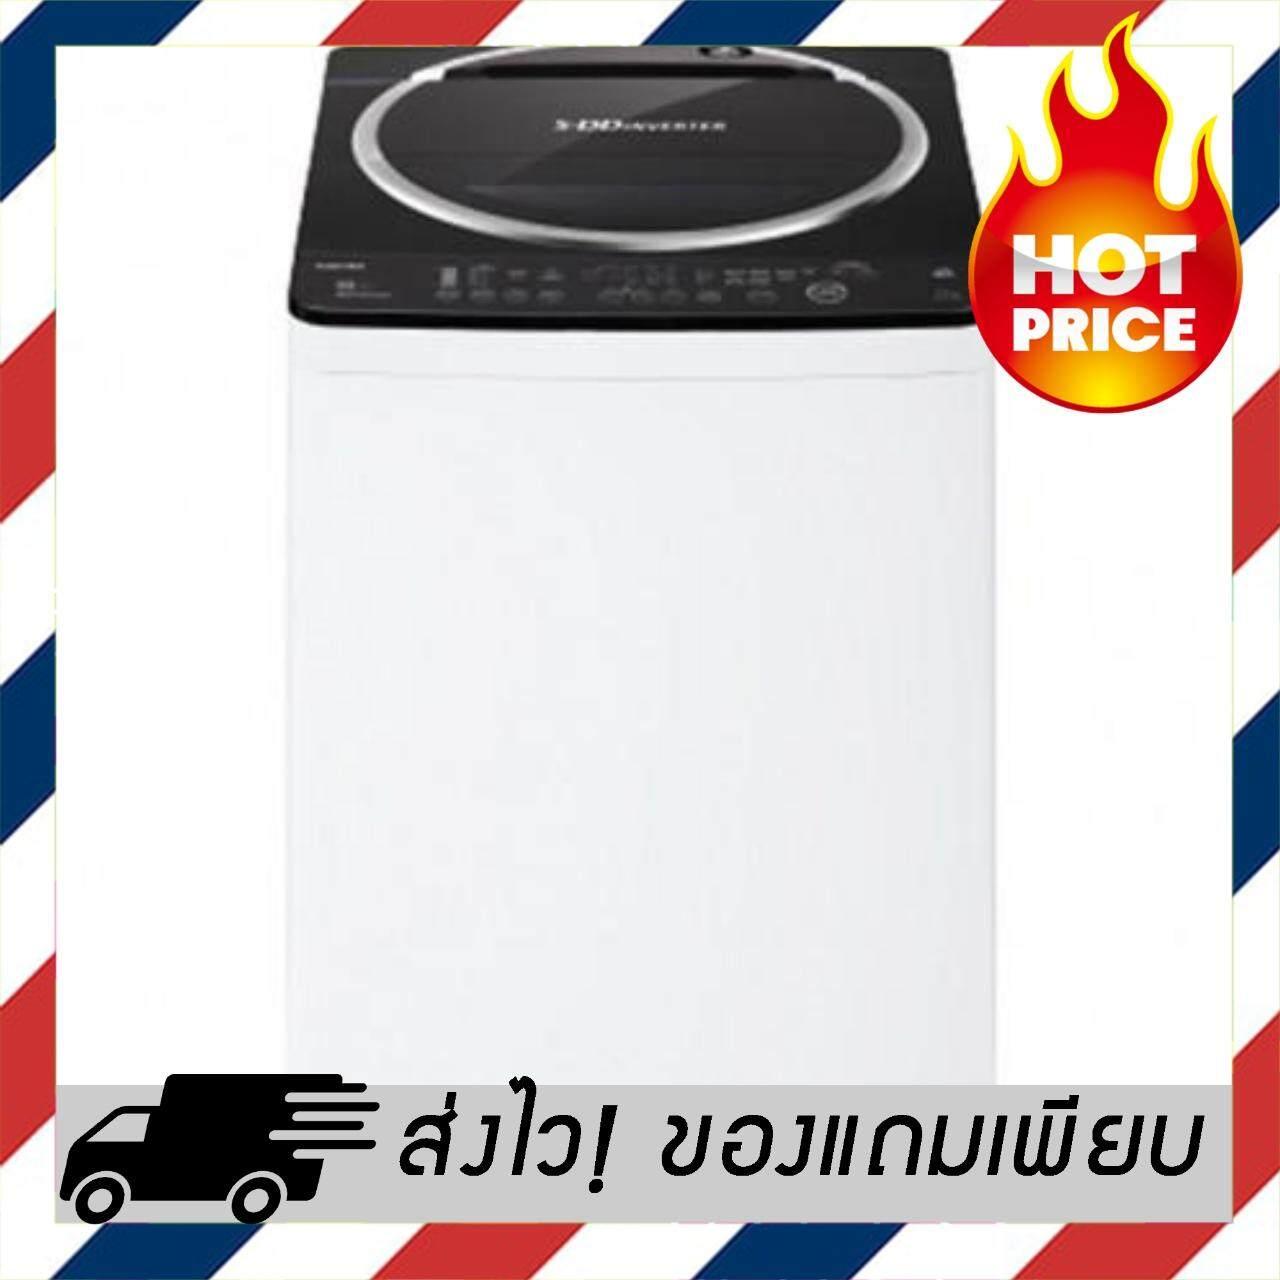 ((มีสินค้า)) โตชิบา เครื่องซักผ้า รุ่น AW-DE1200GT 11 กิโลกรัม เครื่องใช้ไฟฟ้าภายในบ้าน เครื่องซักผ้า เครื่องดักแมลง เครื่องดูดฝุ่น เครื่องปรับอากาศ เครื่องฟอกอากาศ เตารีด พัดลม พัดลมดูดอากาศและระบายอากาศ ดู โฮม ราคา วัสดุ ก่อสร้าง วัสดุ ก่อสร้าง กระเบื